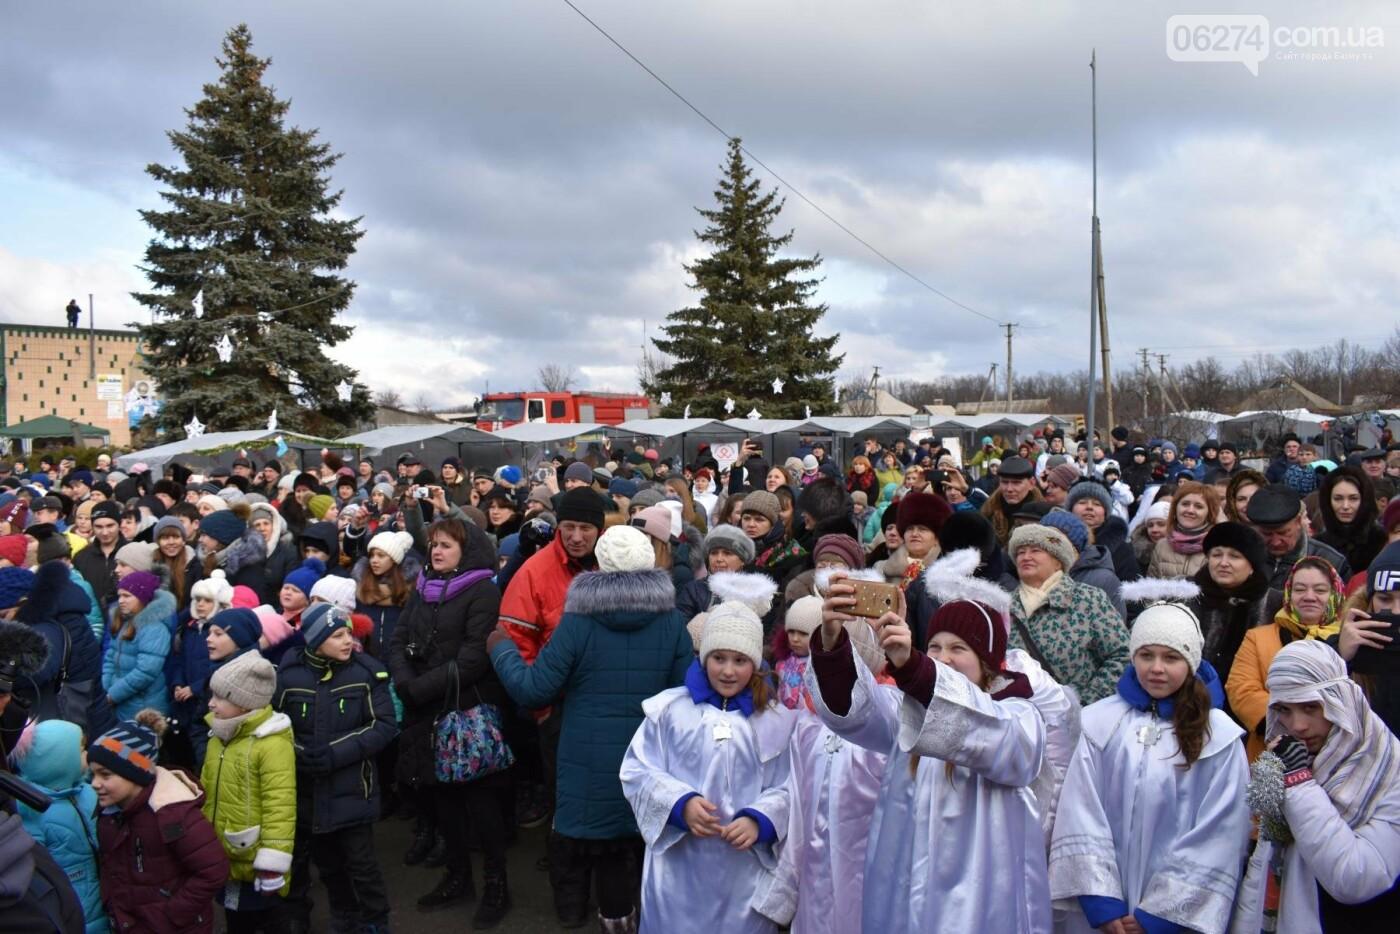 Бахмутские коллективы приняли участие в фестивале вертепов «Рождественский перезвон», фото-9